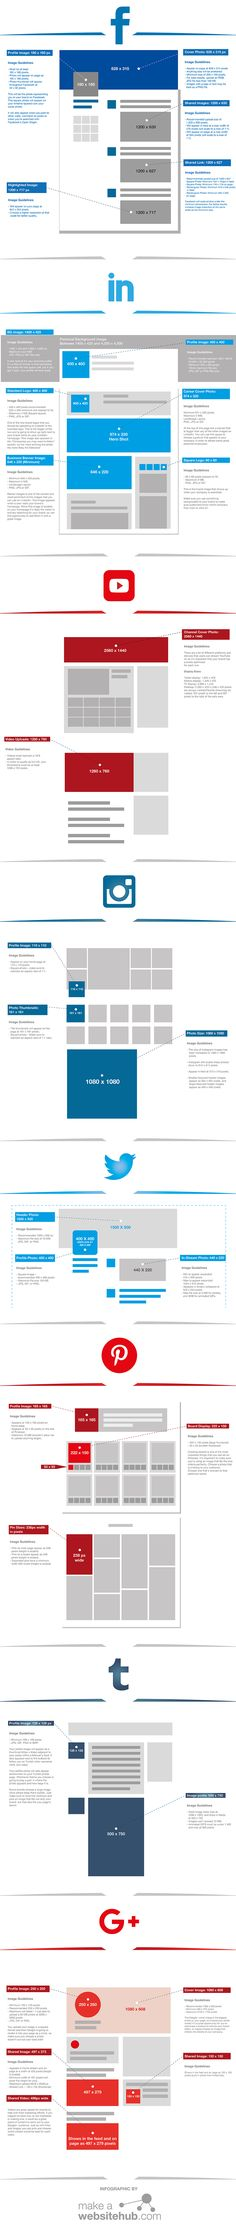 أفضل مقاسات واحجام الصور على فيسبوك، تويتر، انستجرام، بينتريست، يوتيوب والشبكات الاجتماعية - الدليل الشامل ٢٠١٧ http://everyleader.net/node/407